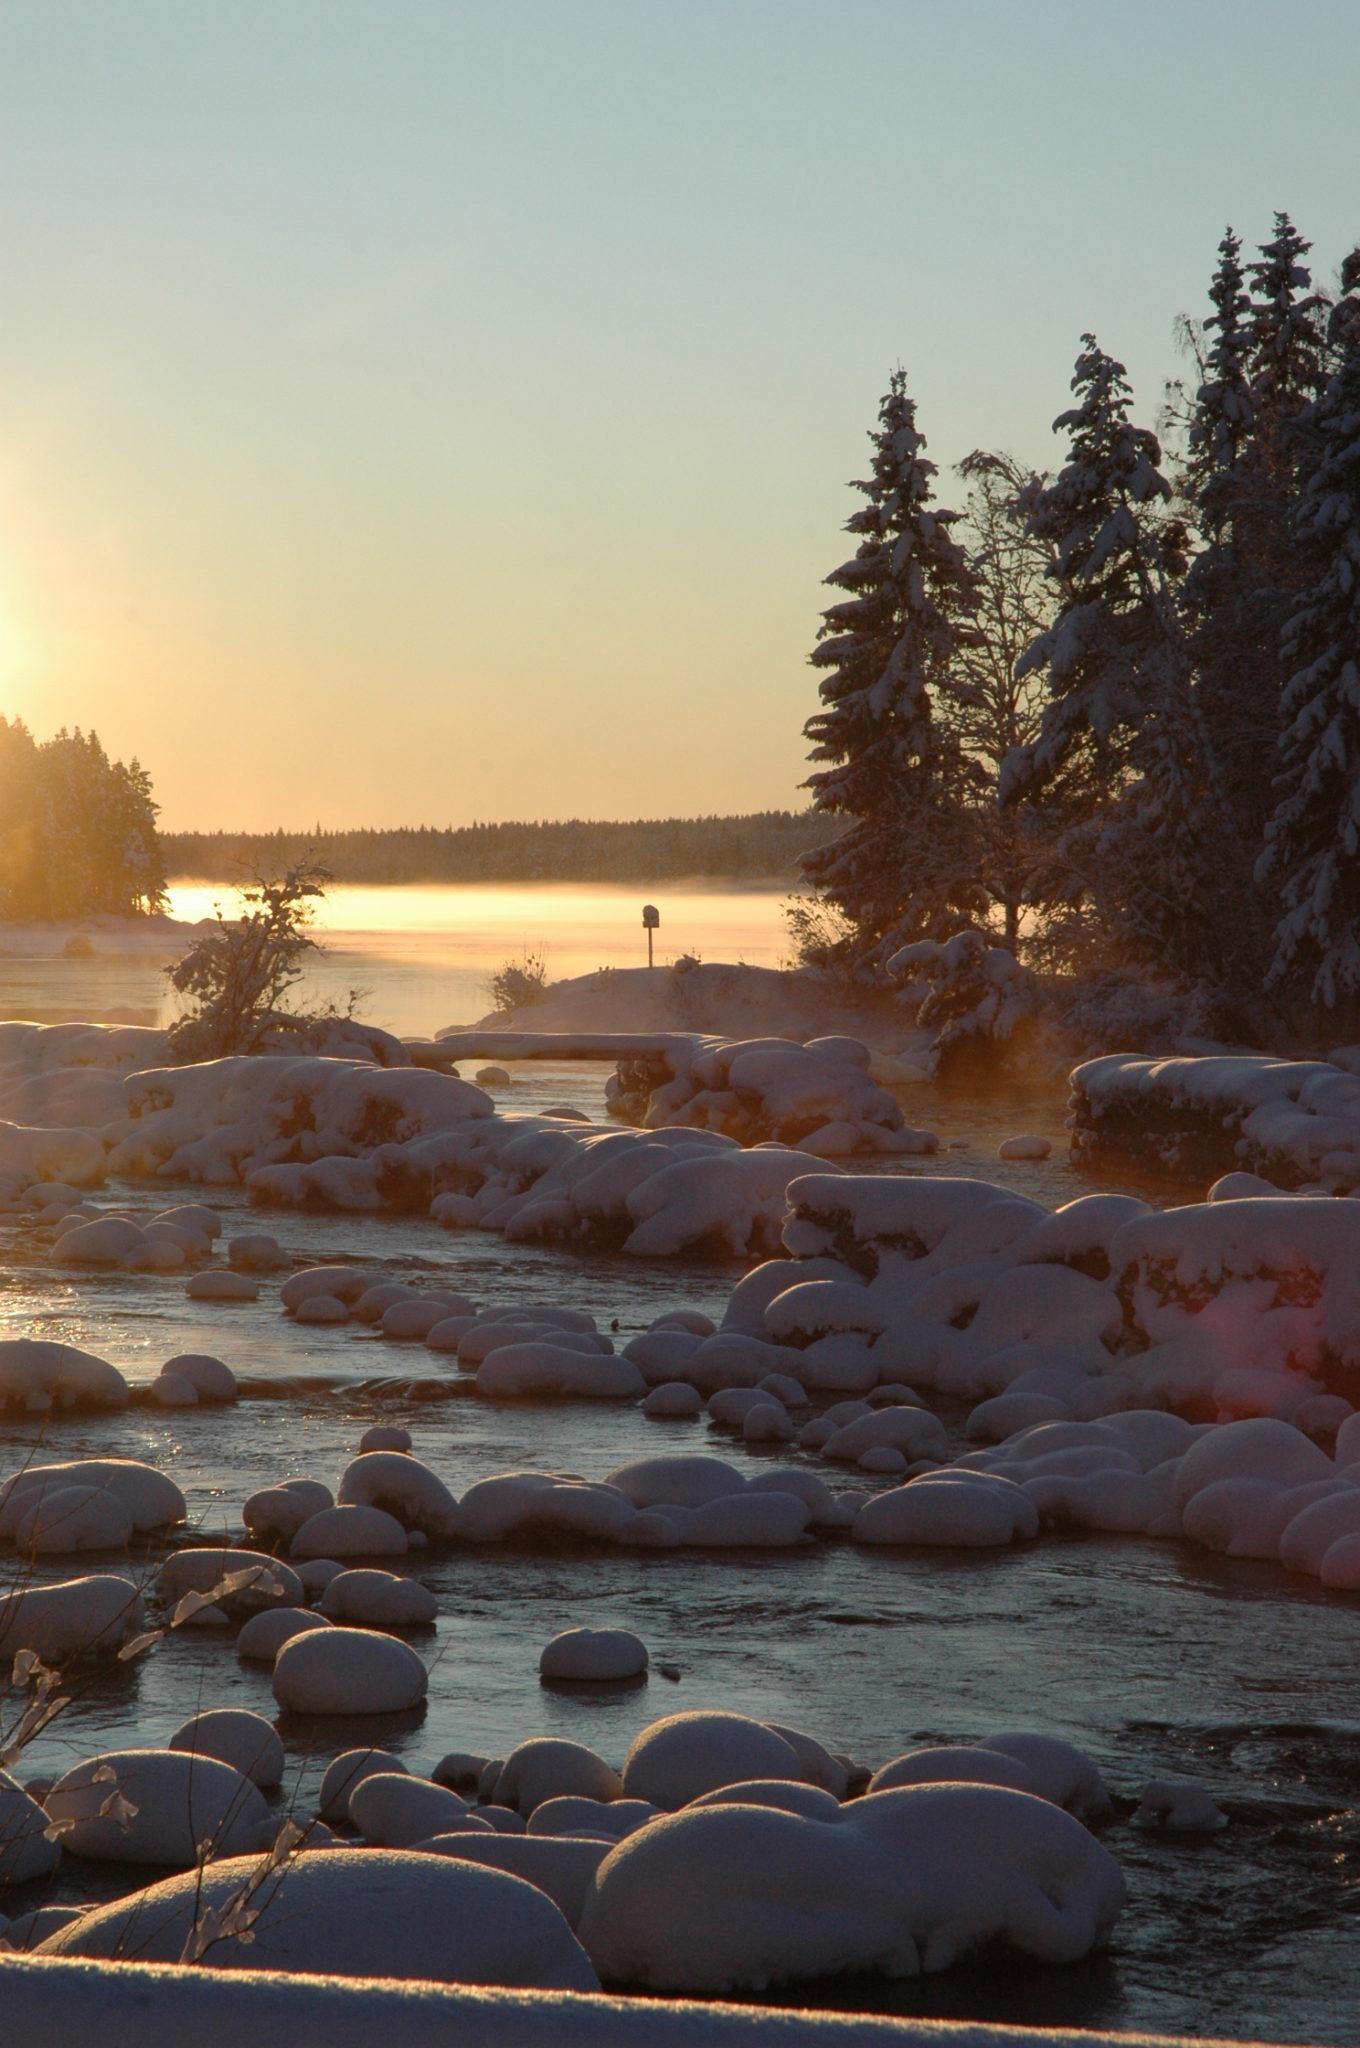 Bästa-flugfiskevatten-vinter-Gimån-Jämtland-Sverige-1.jpg